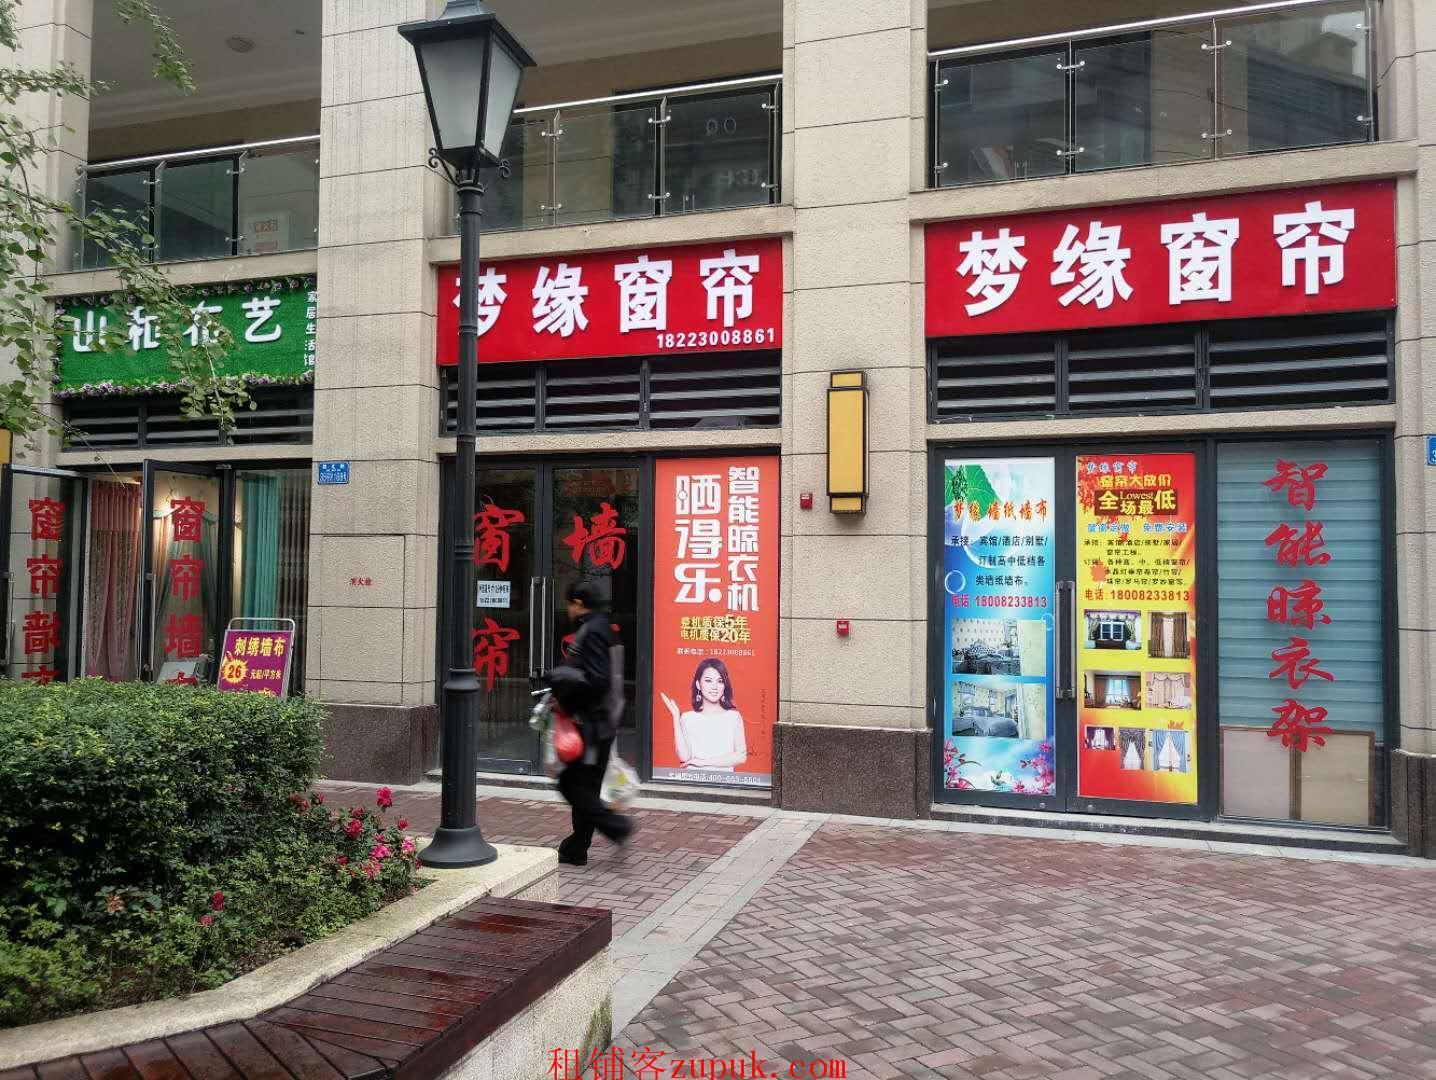 开发商直招 首创城 社区门面 30-3000㎡ (中介勿扰)